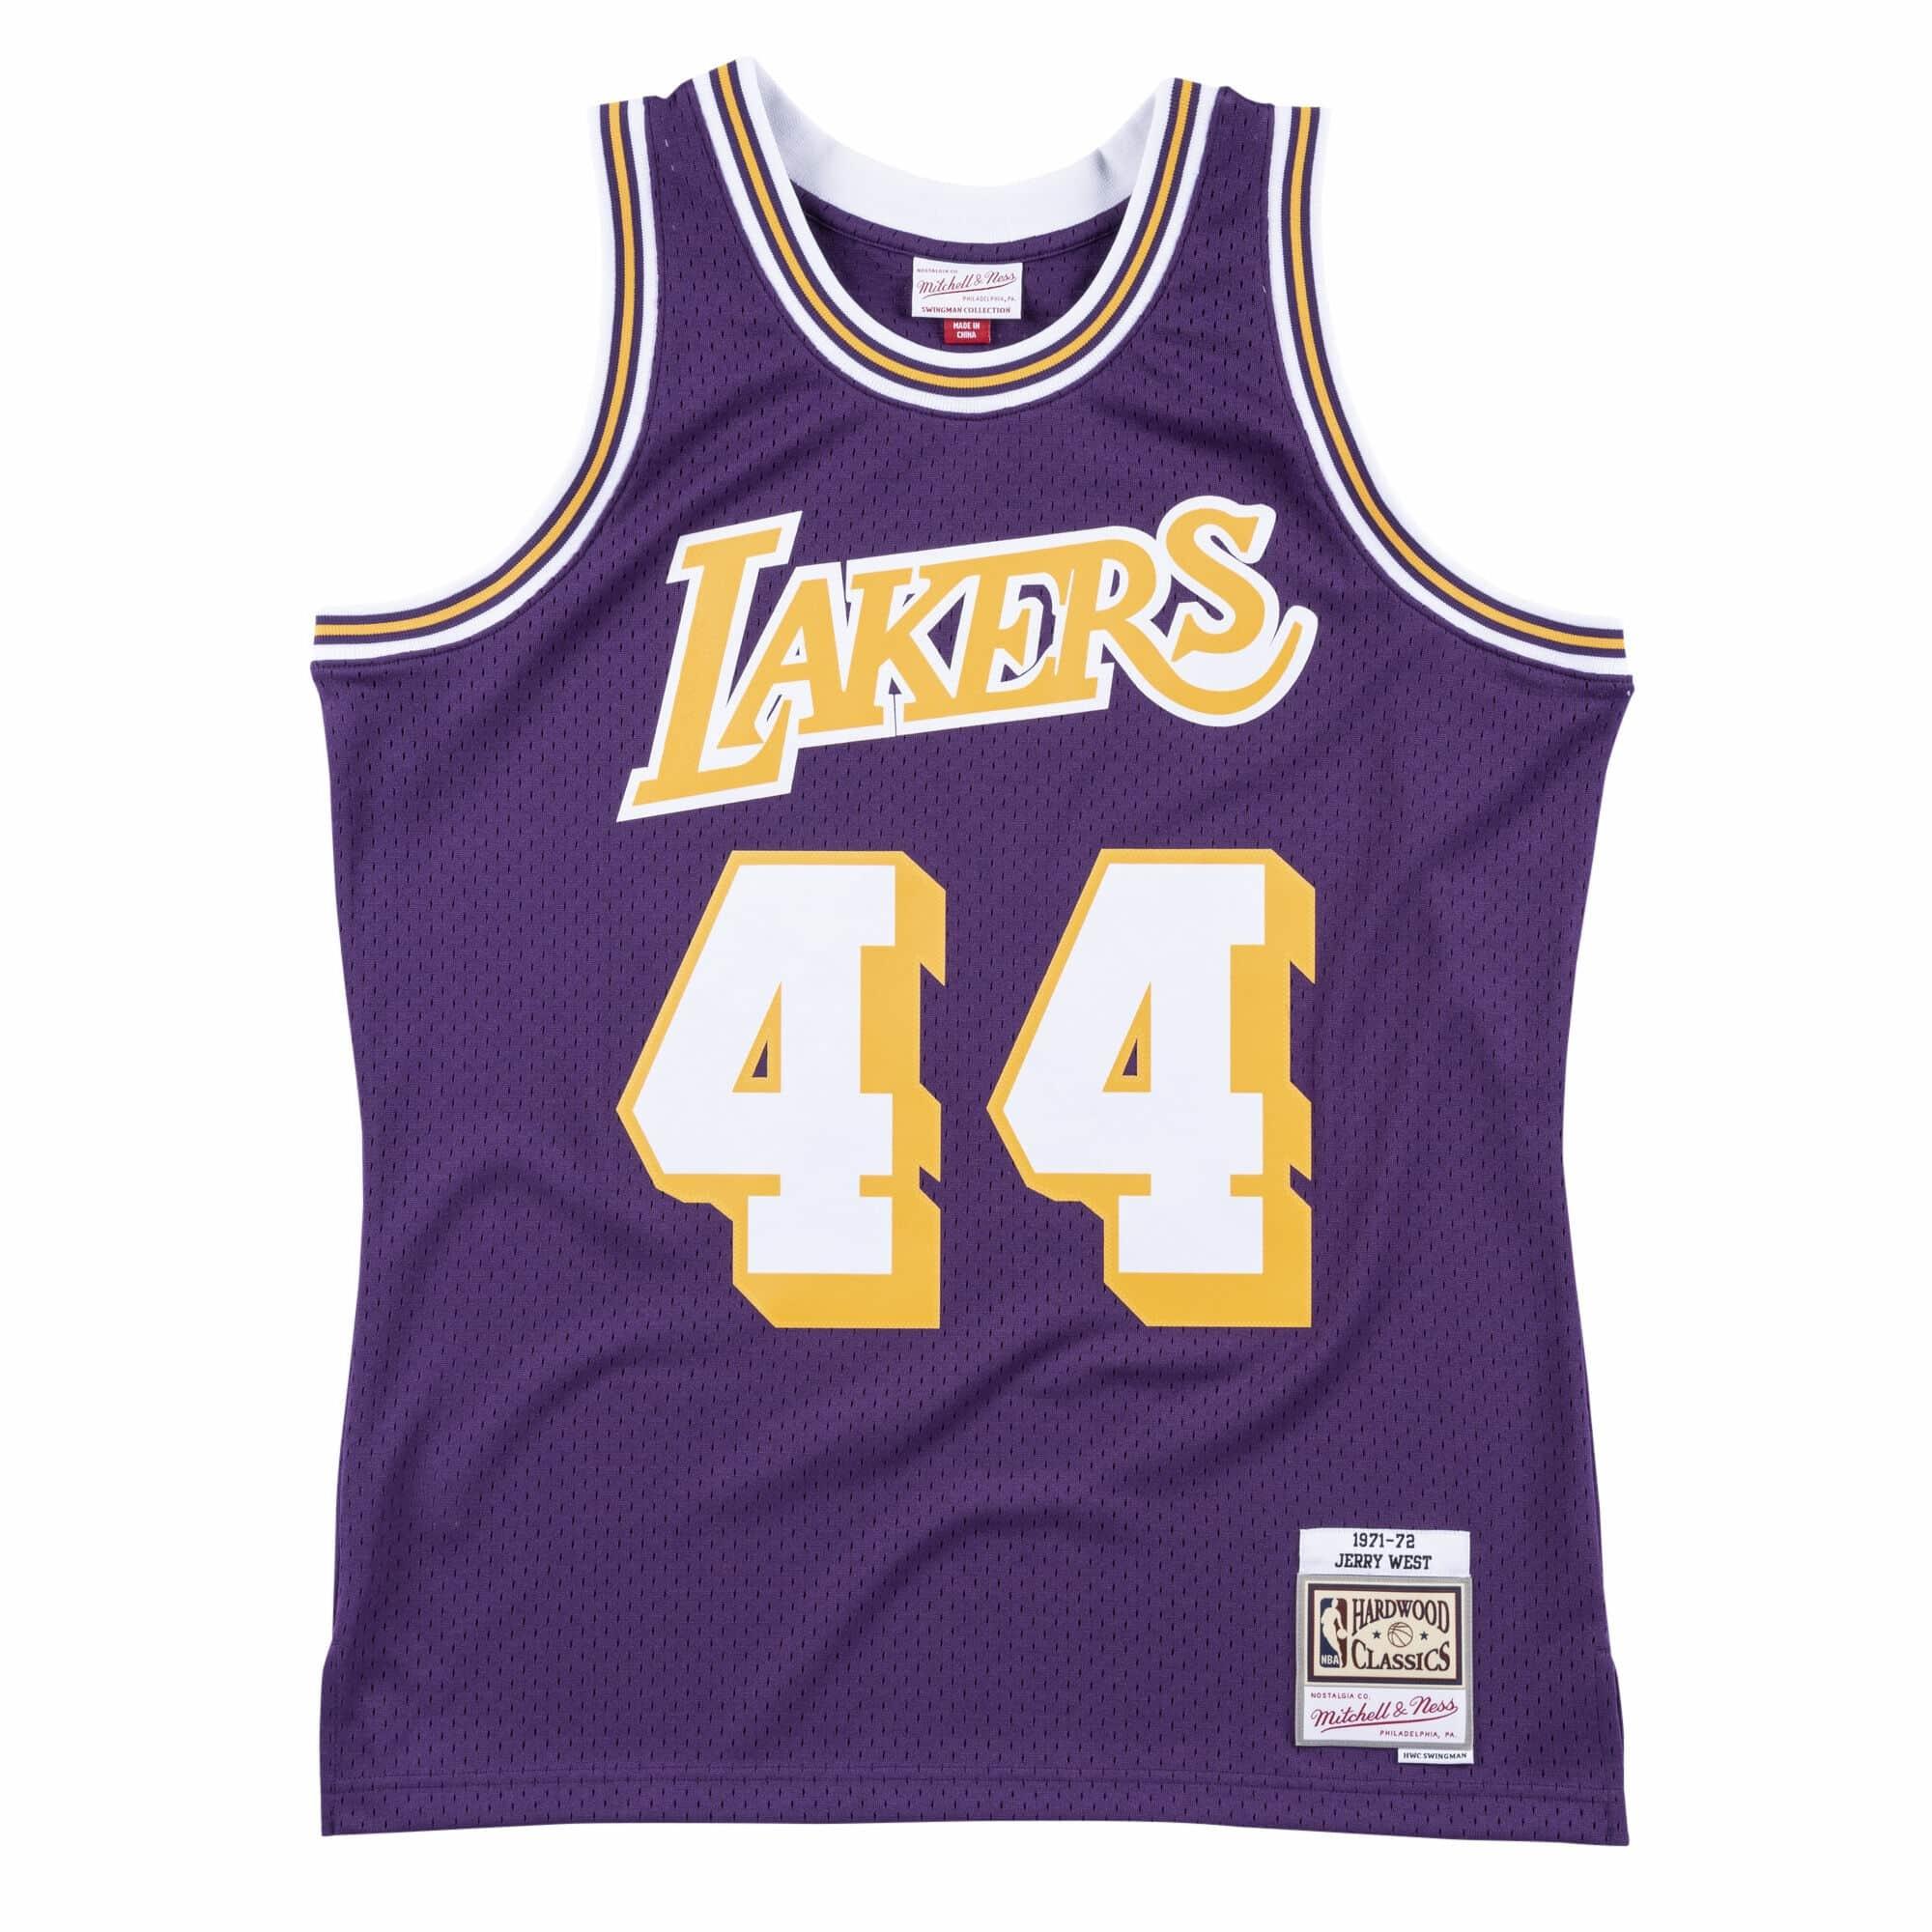 LA Lakers Men's Mitchell & Ness 1971-72 Jerry West #44 Replica Swingman Jersey Purple